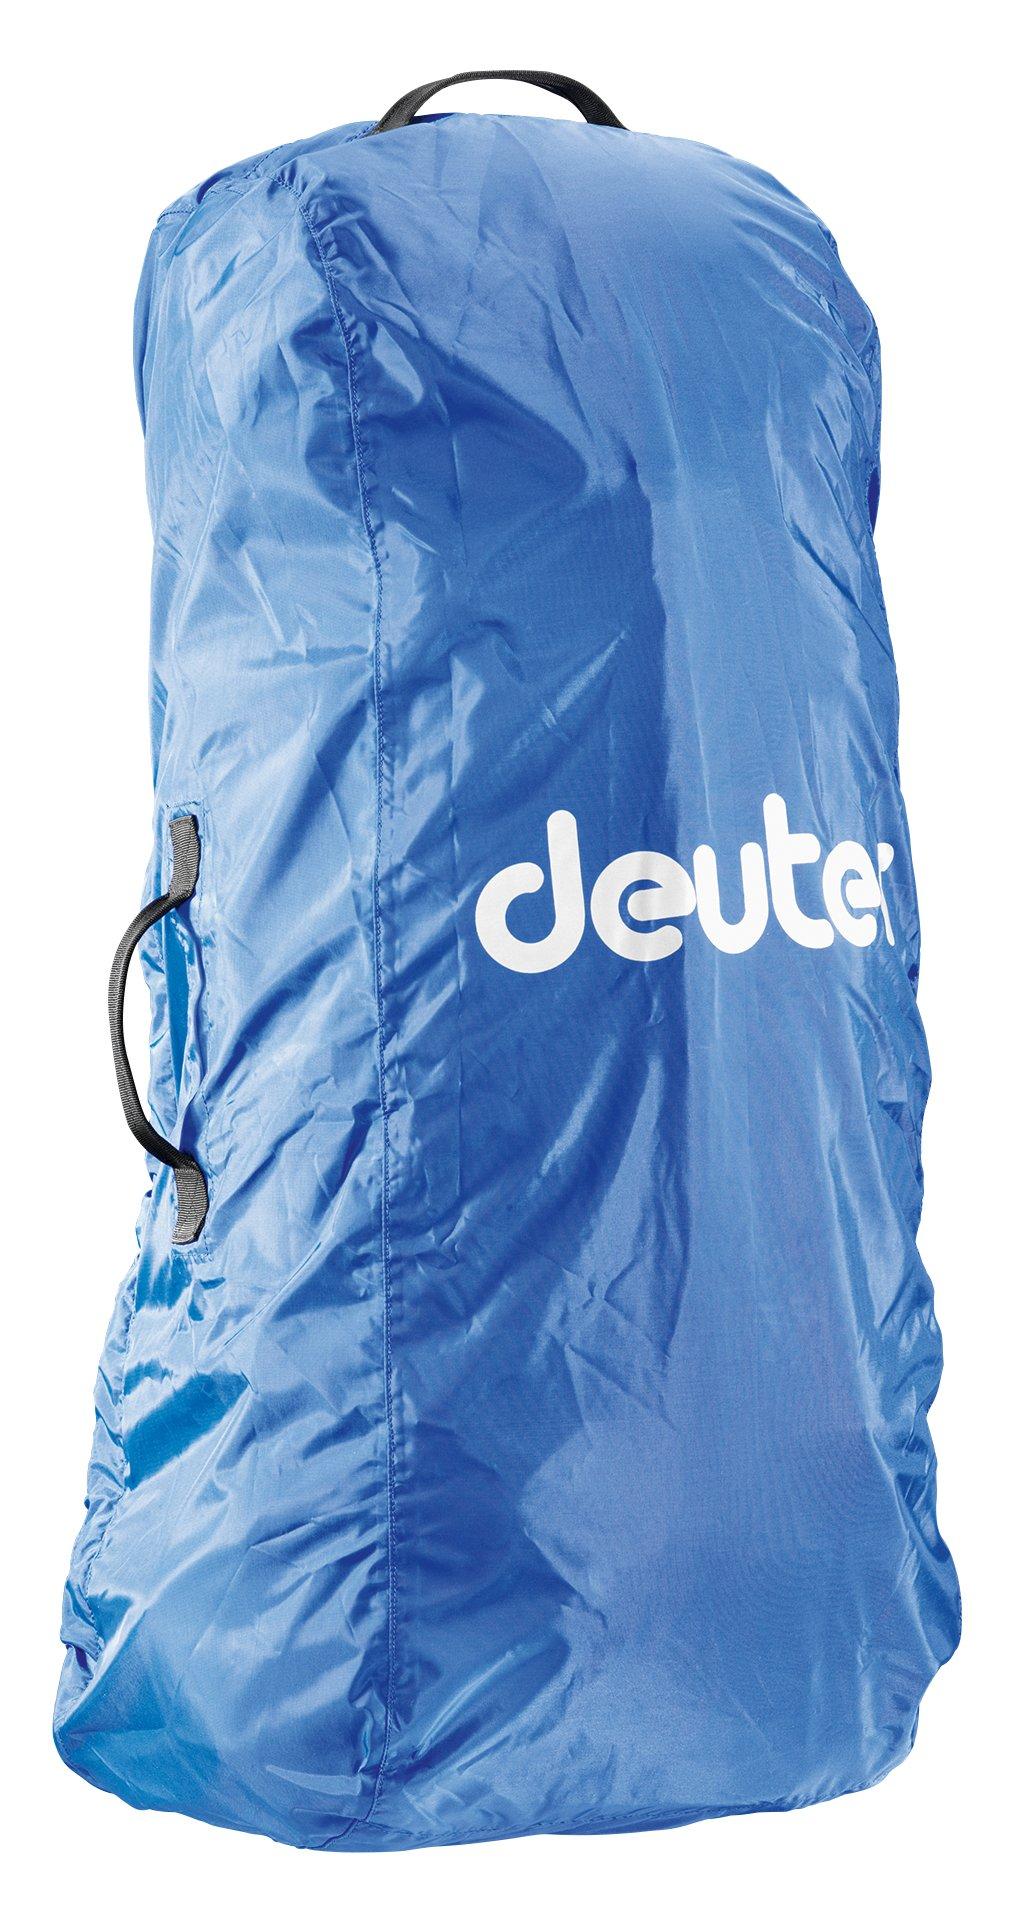 Deuter - Transport Cover, Regenschutz für den Rucksack